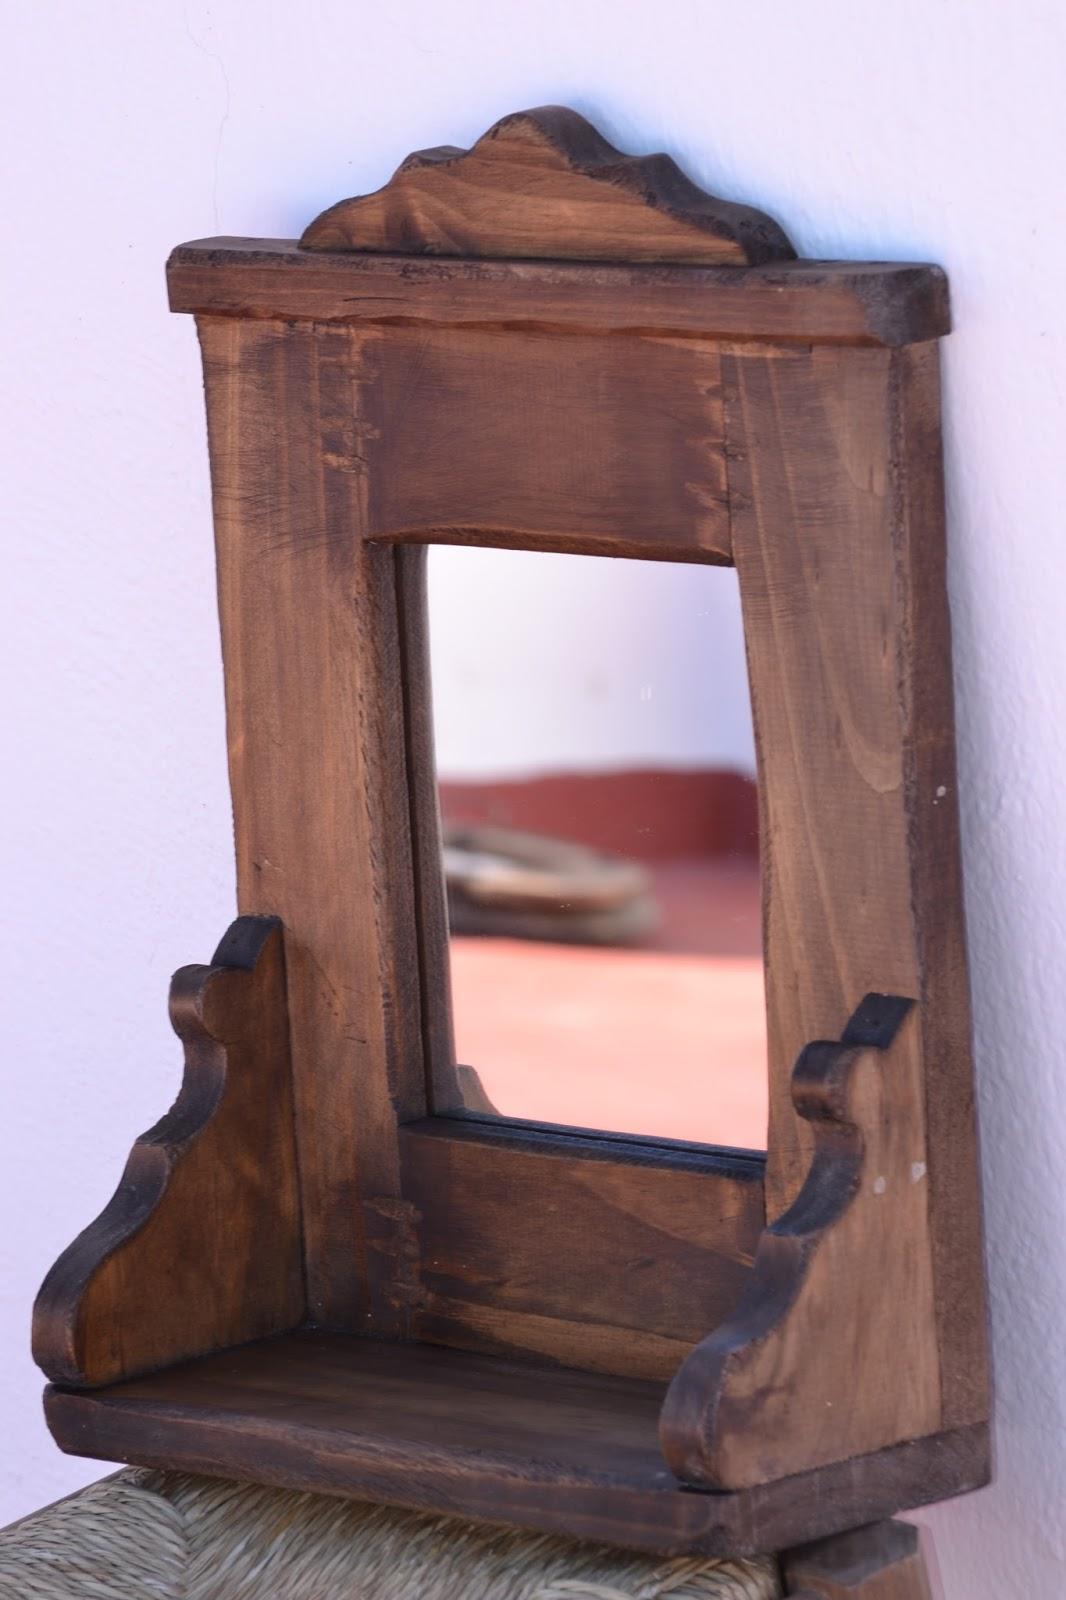 Artesan a r stica en madera marco de madera rustico con for Marcos para espejos de madera rusticos